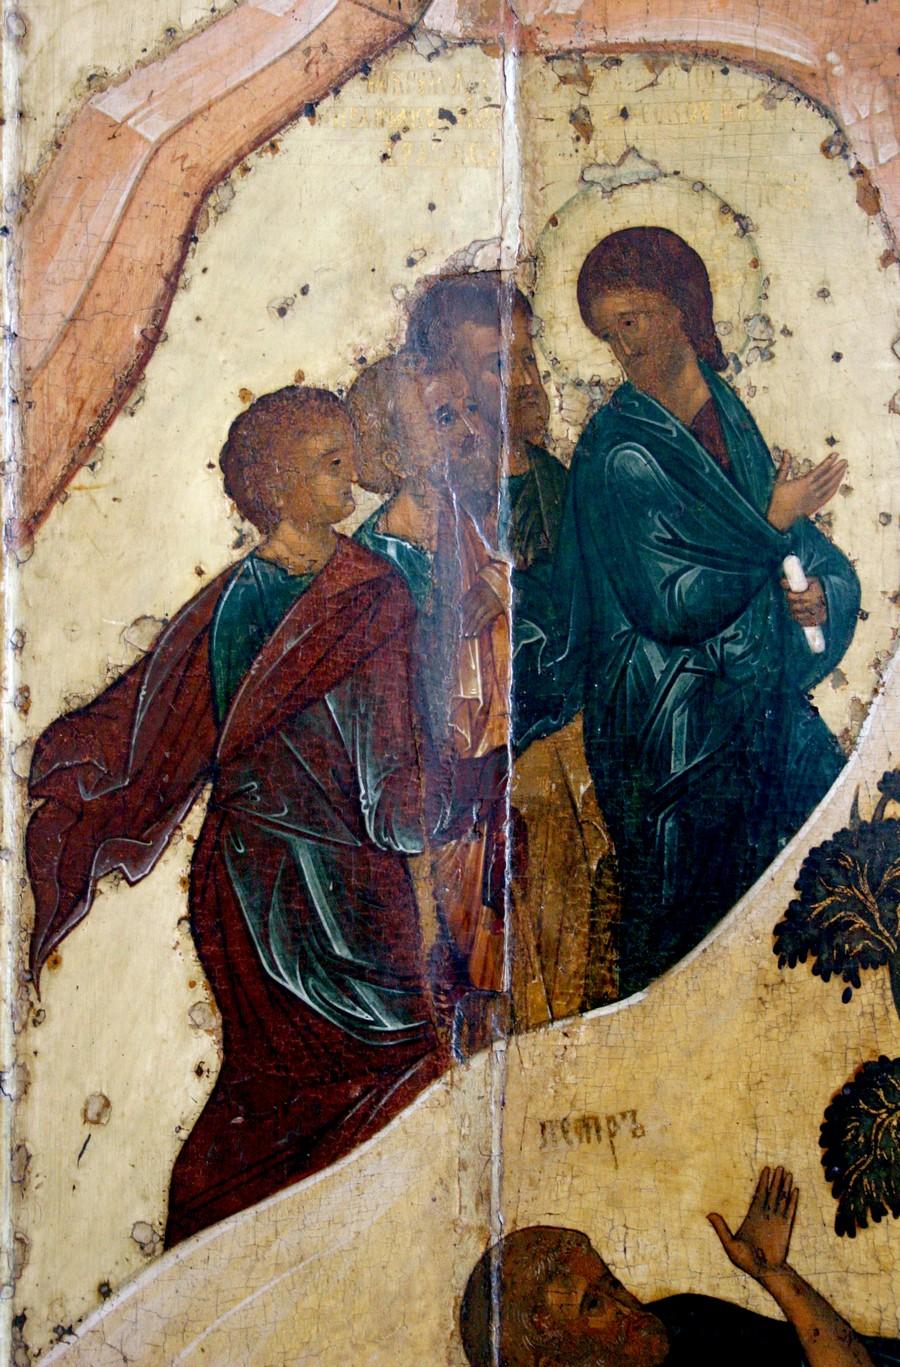 Преображение Господне. Икона. Ярославль, около 1516 года. Фрагмент. Восхождение Спасителя и Апостолов на гору Фавор.